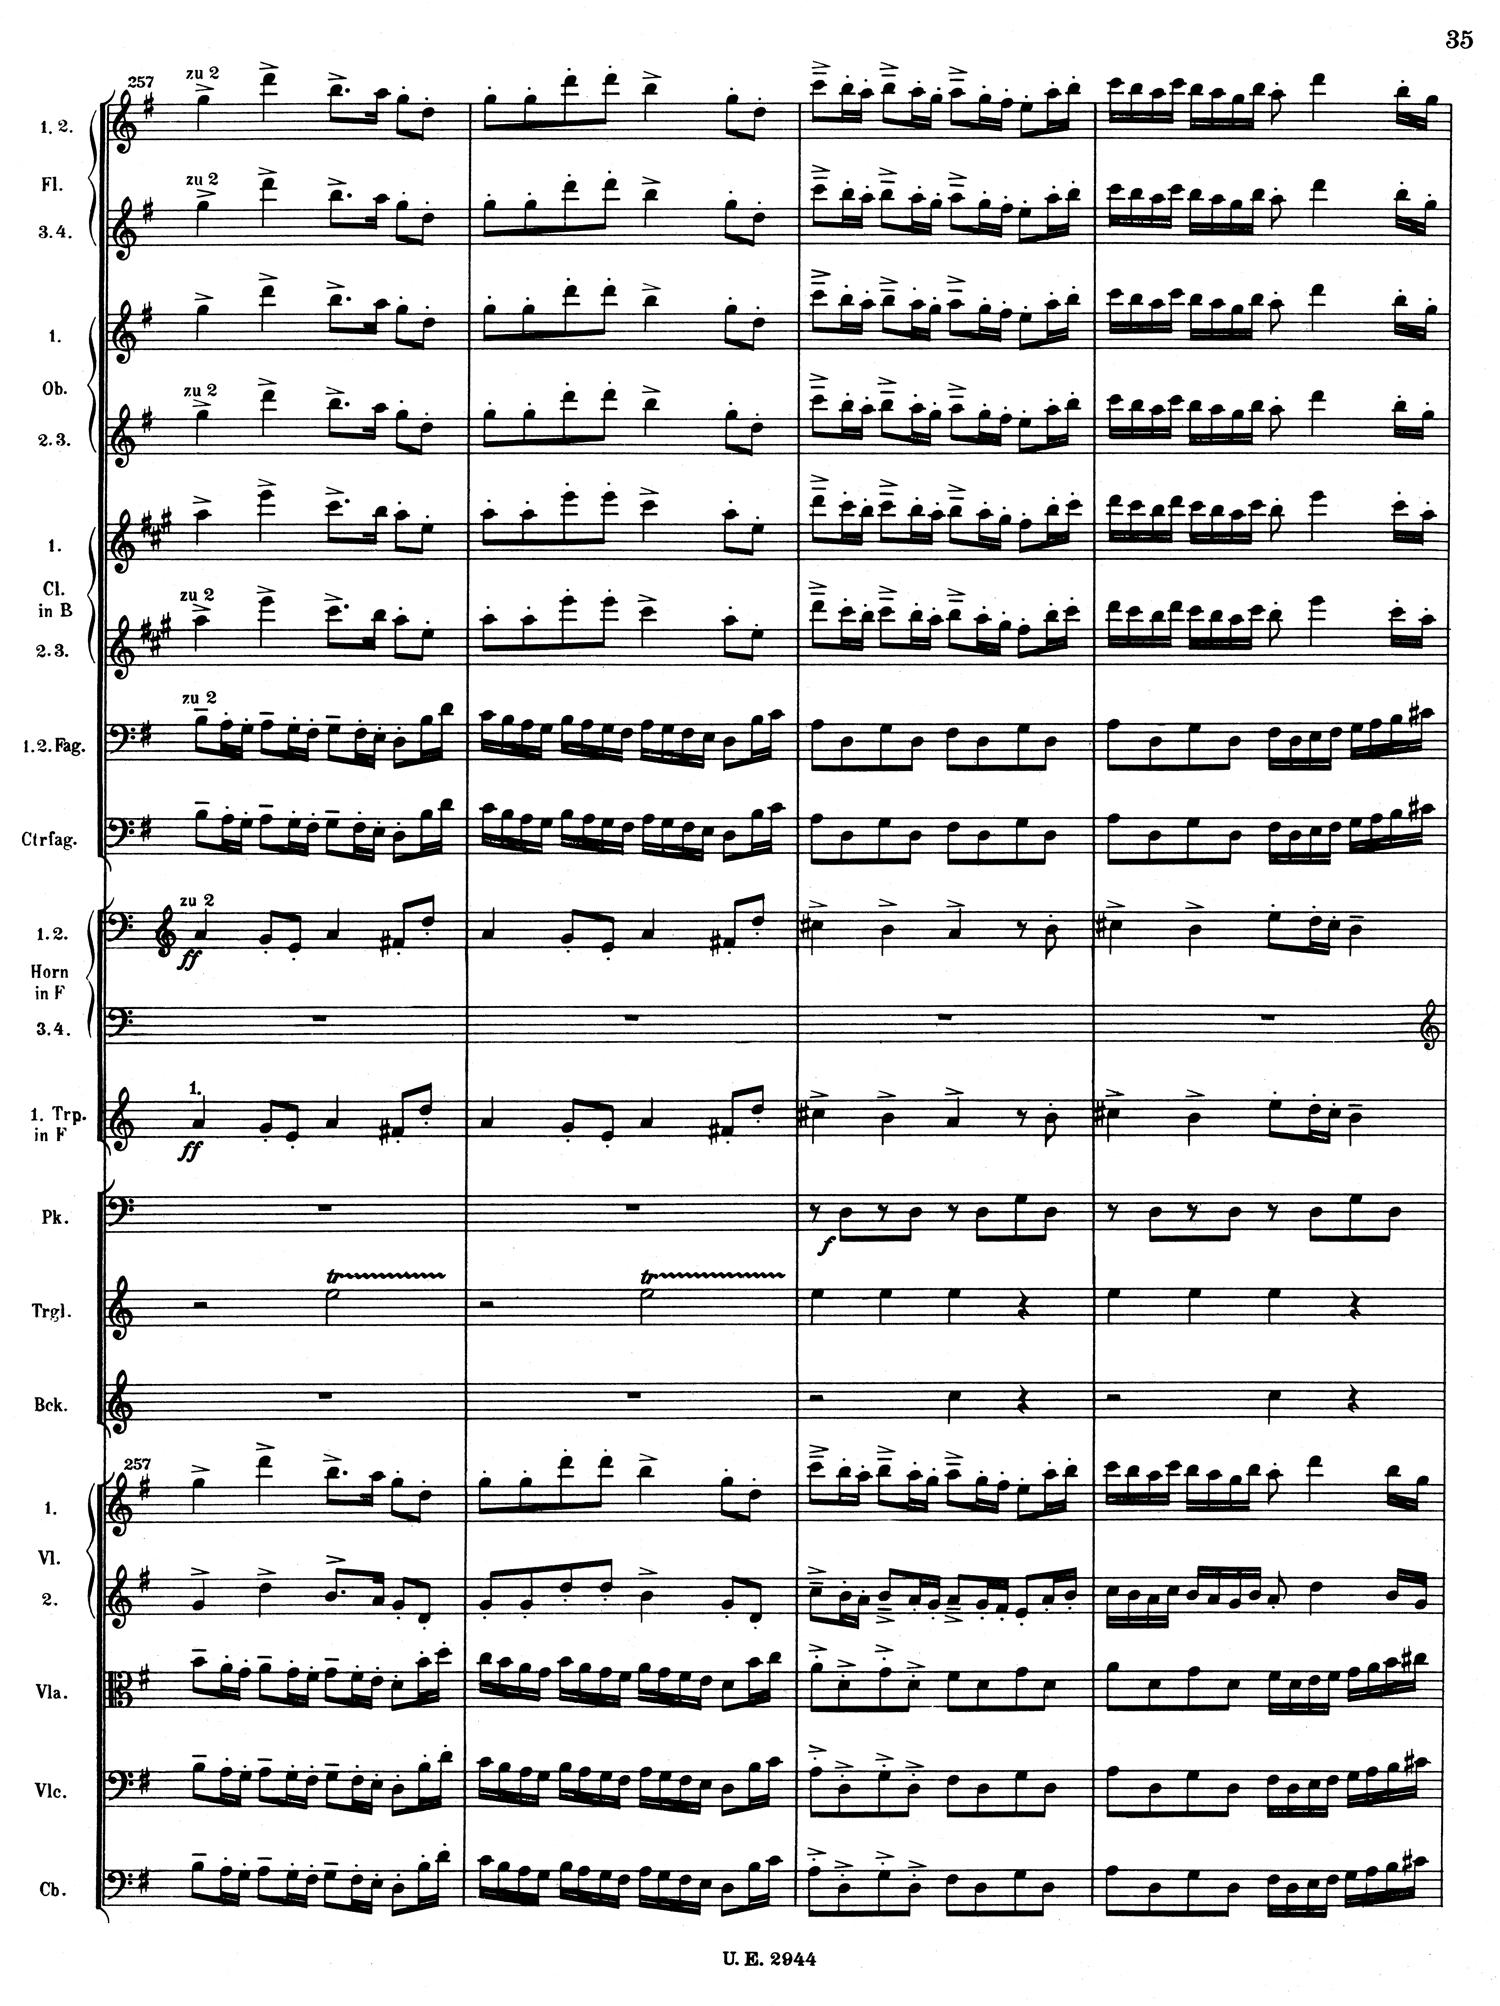 Mahler 4 Score 6.jpg